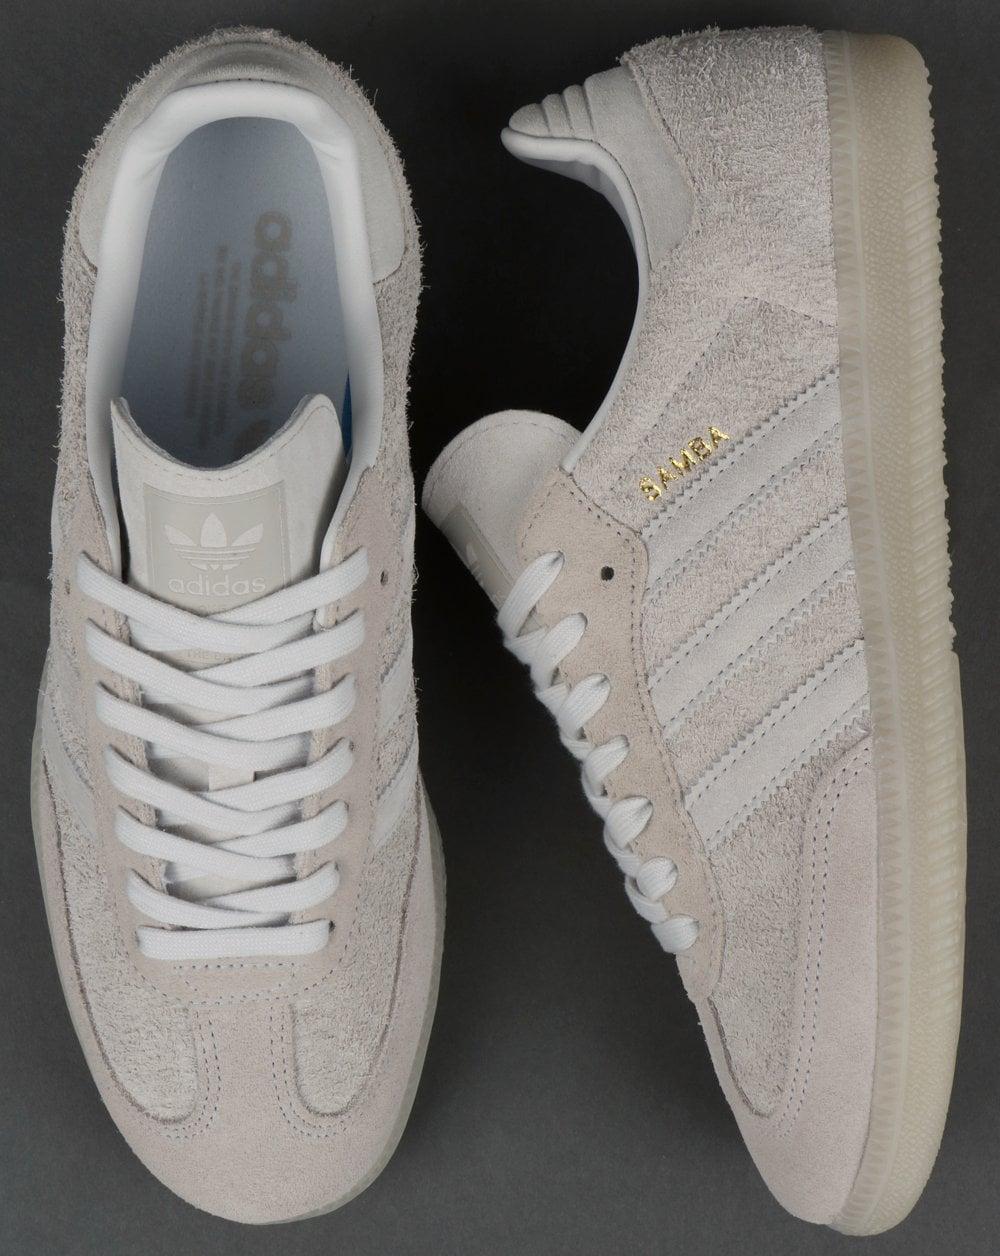 Adidas Samba OG Trainers Crystal White a583626a5